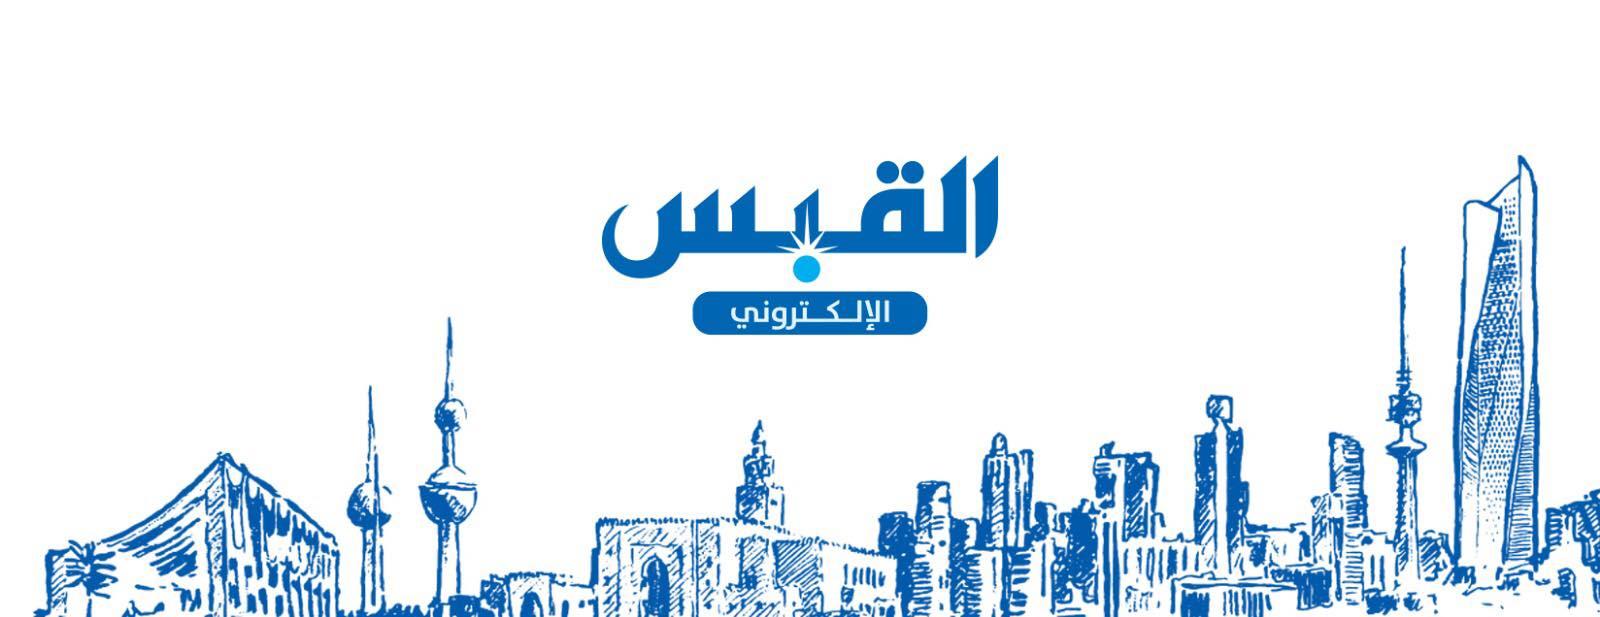 القبس الكويتية تعتذر عن صورة خاطئة نشرتها لـ مصر